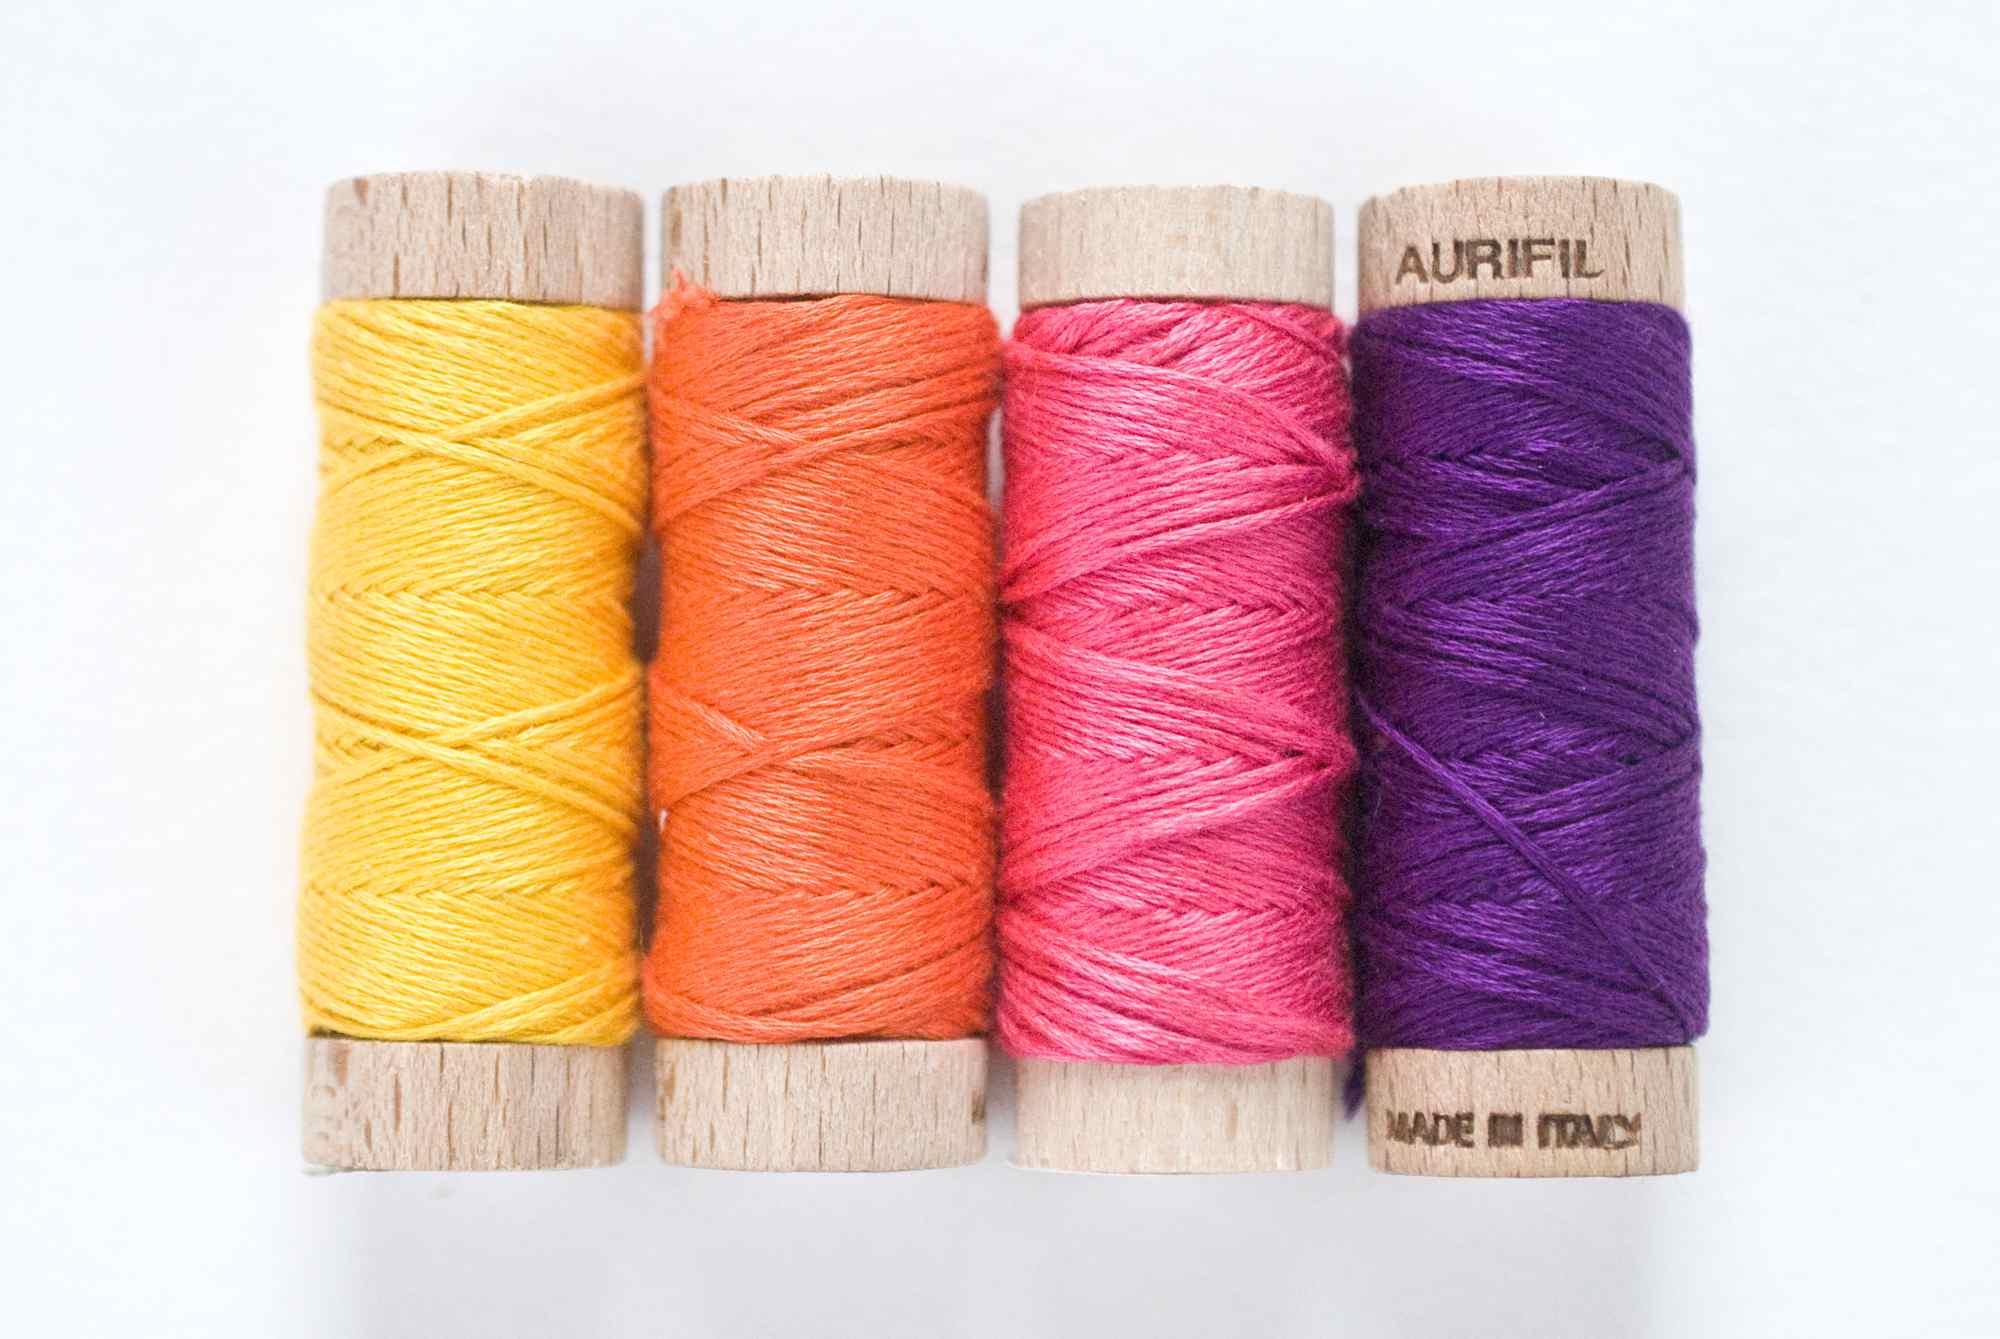 Aurifloss thread spools in a row